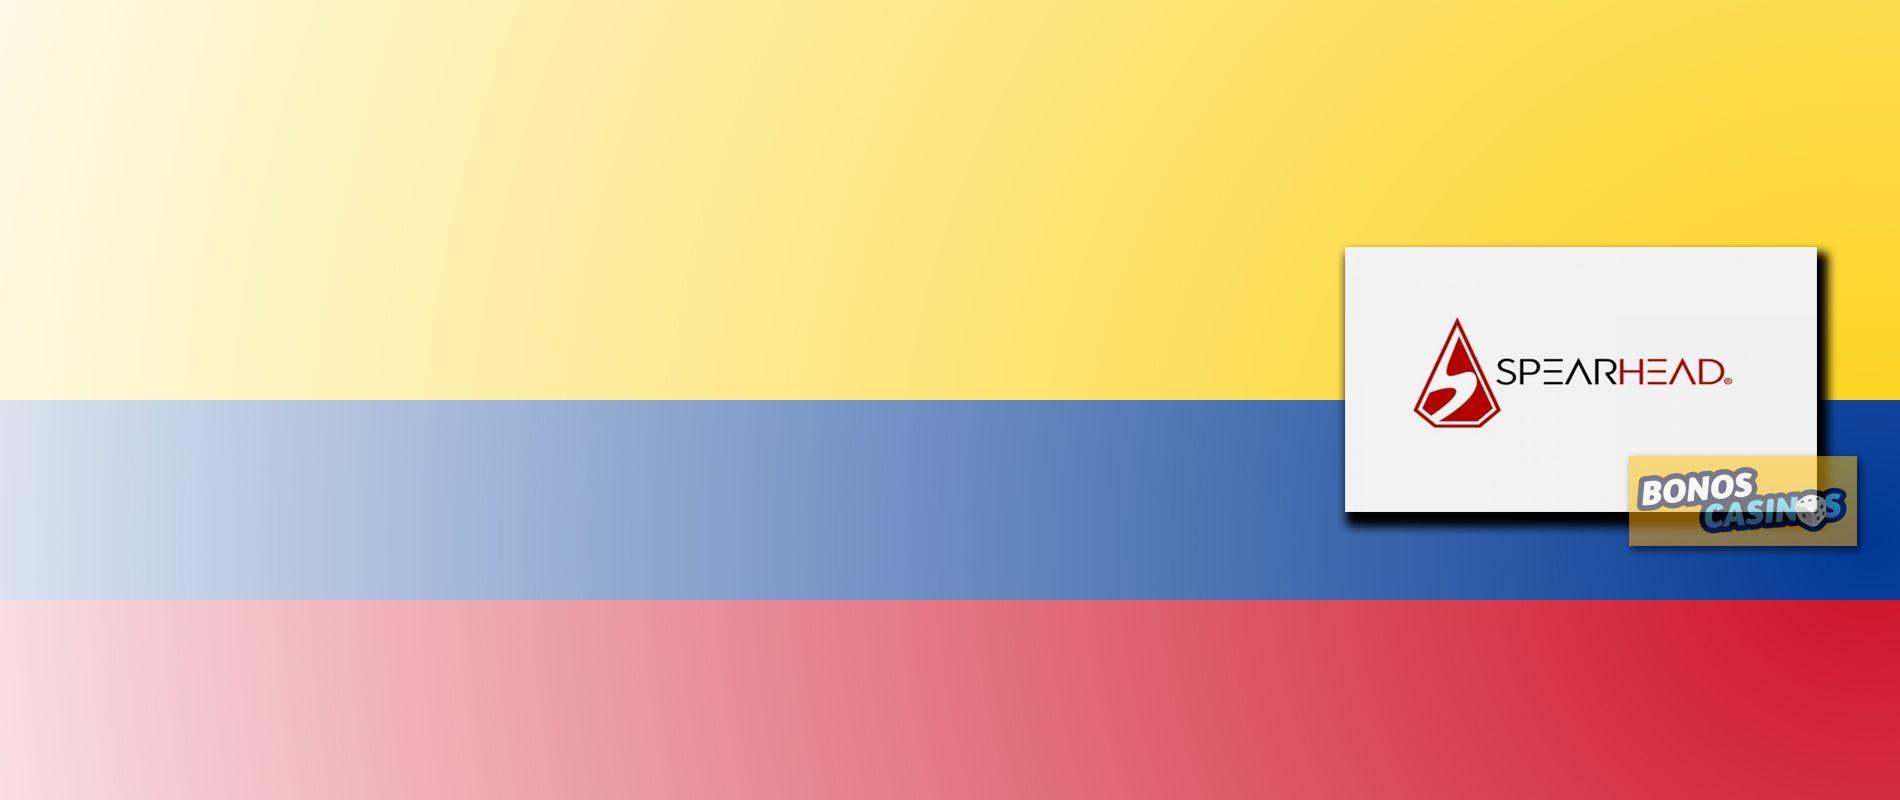 logo de Colombia, un mercado iGaming regulado que Spearhead Studios explotará